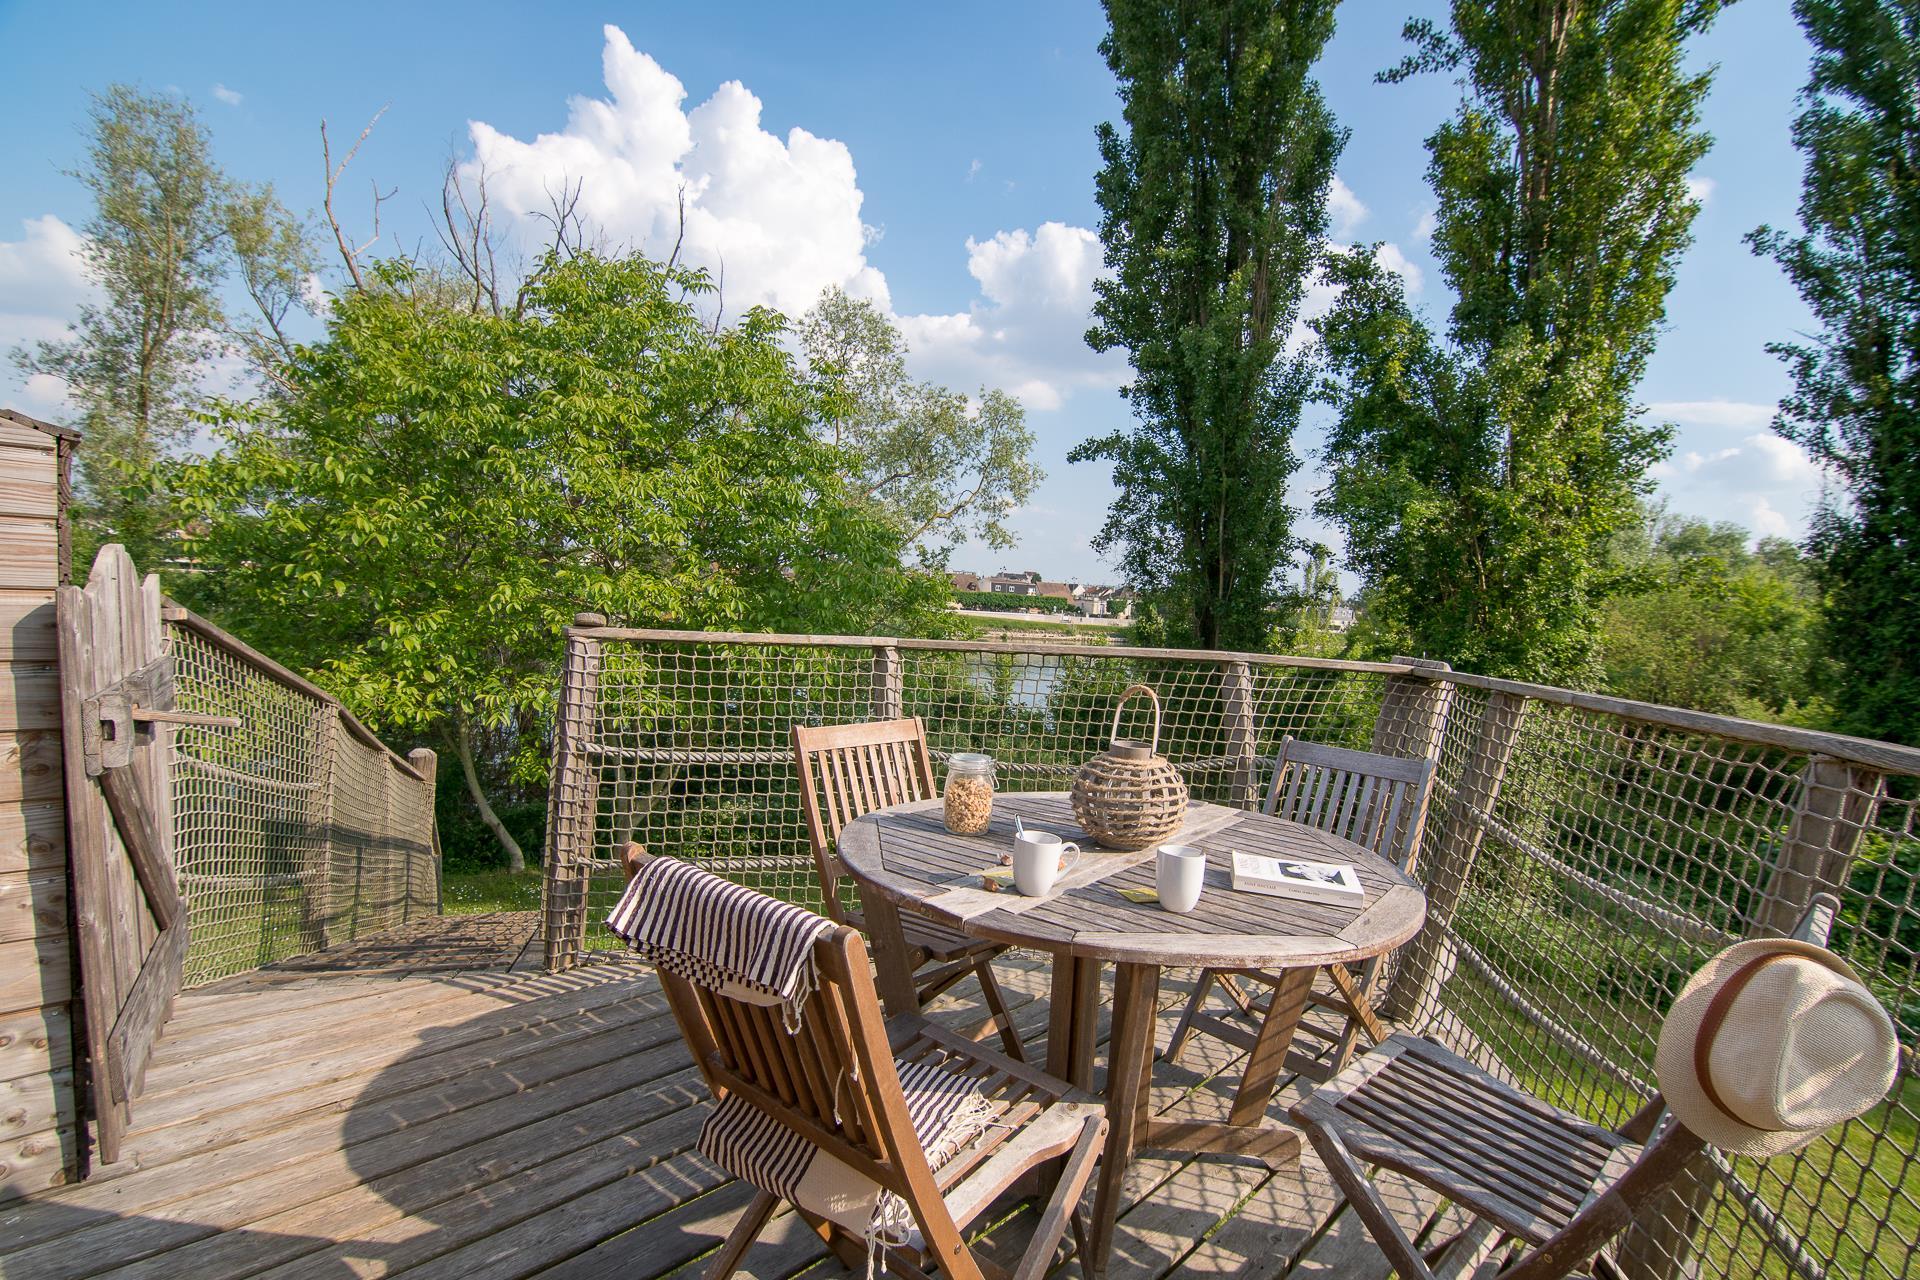 Location - Cabane Zen 2 Chambres - Camping Sandaya Paris Maisons-Laffitte